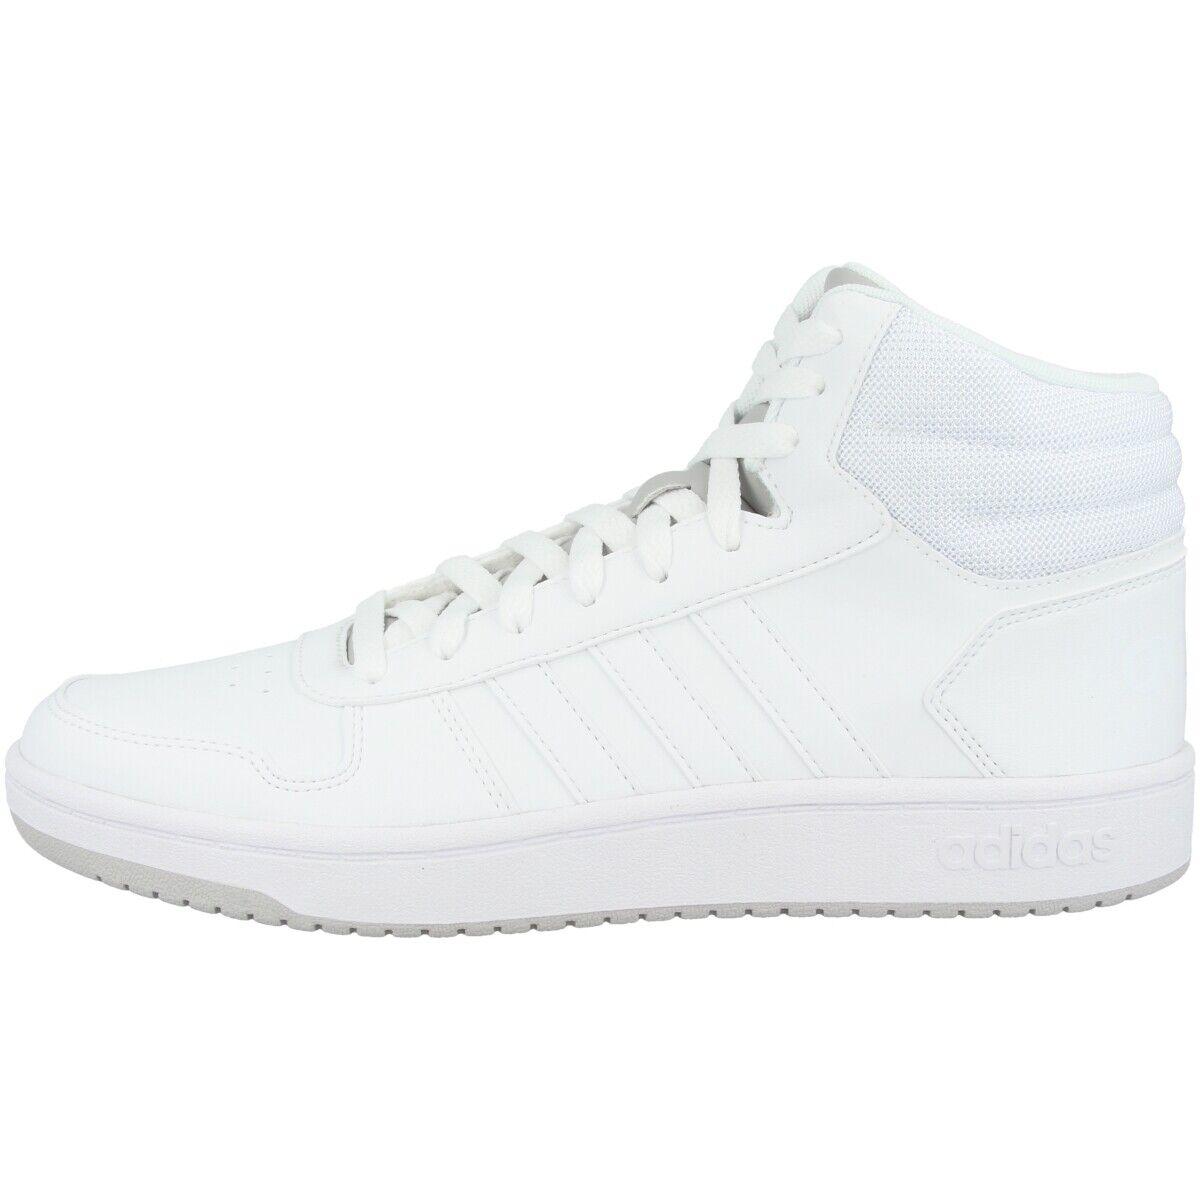 Adidas Hoops 2.0 Mid Zapatos Men Hombre Ocio Retro Zapatillas Deportivas blanco